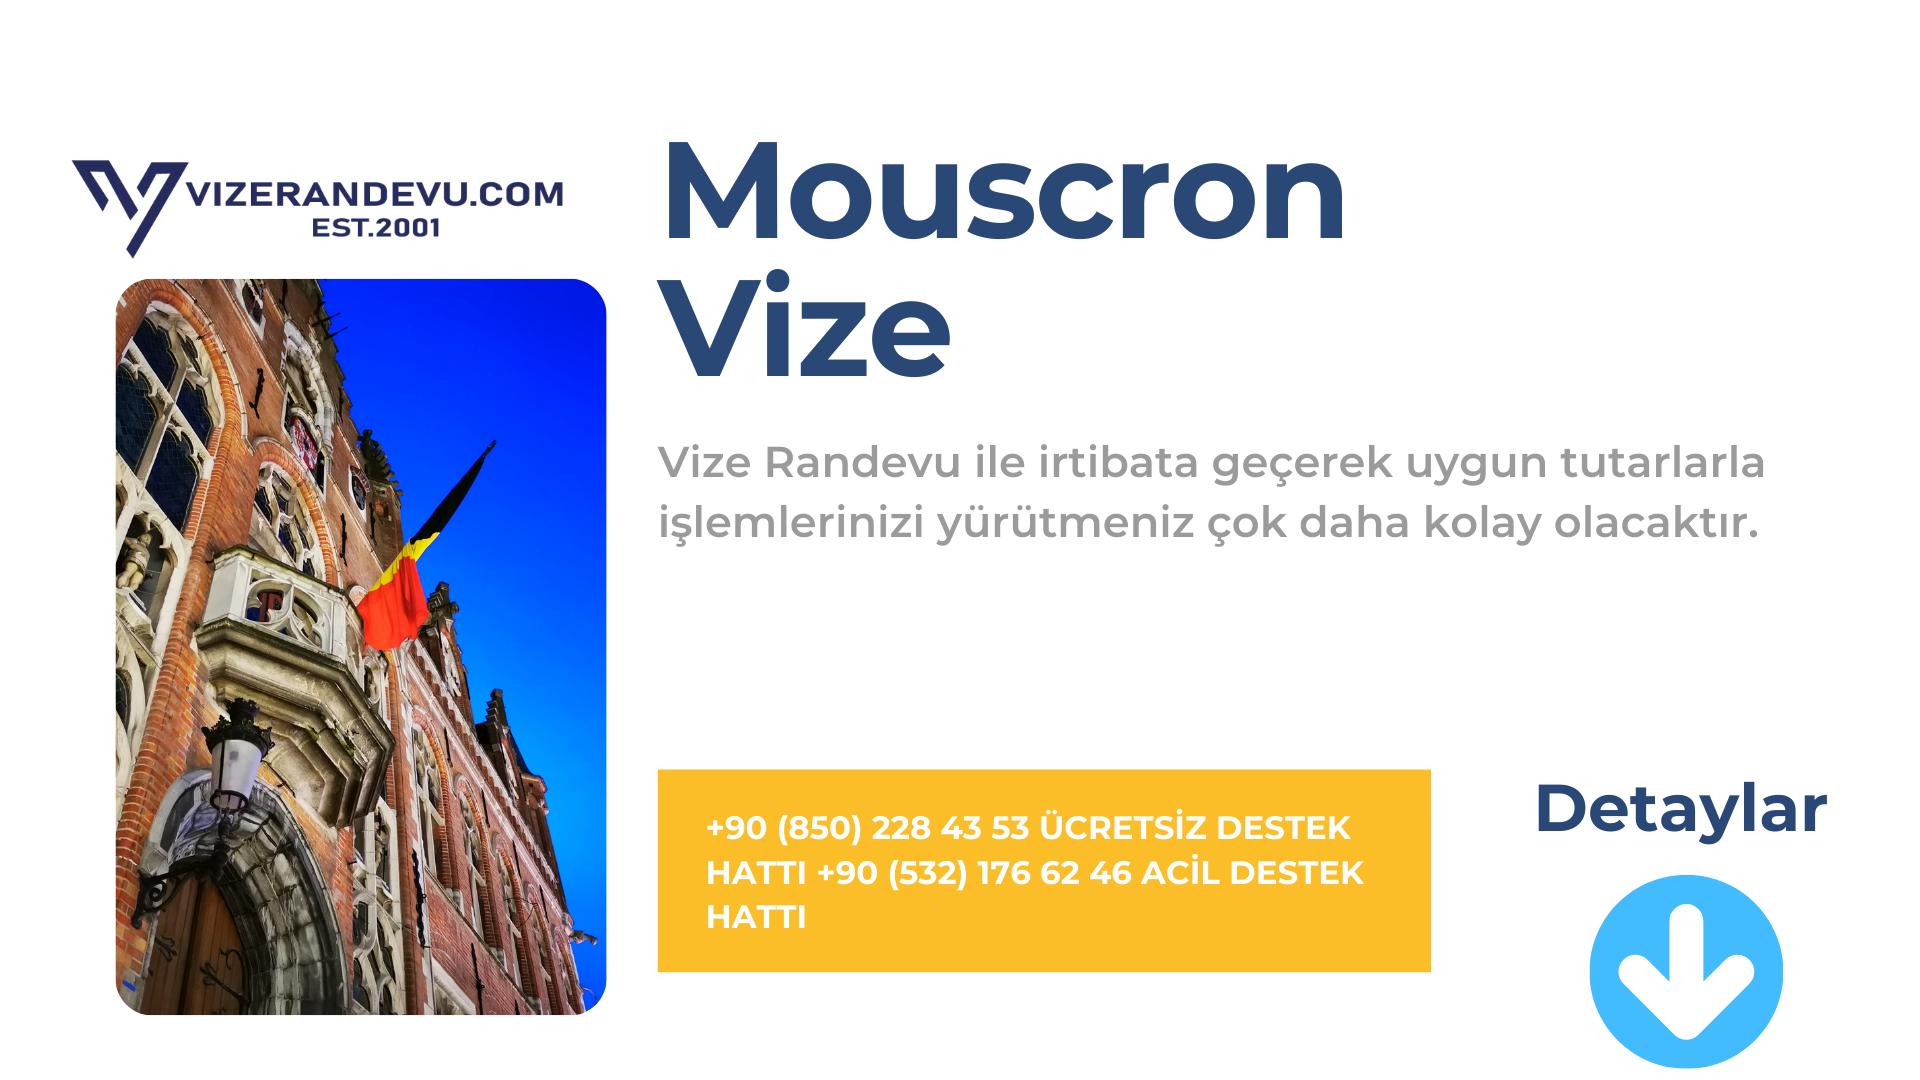 Mouscron Vize